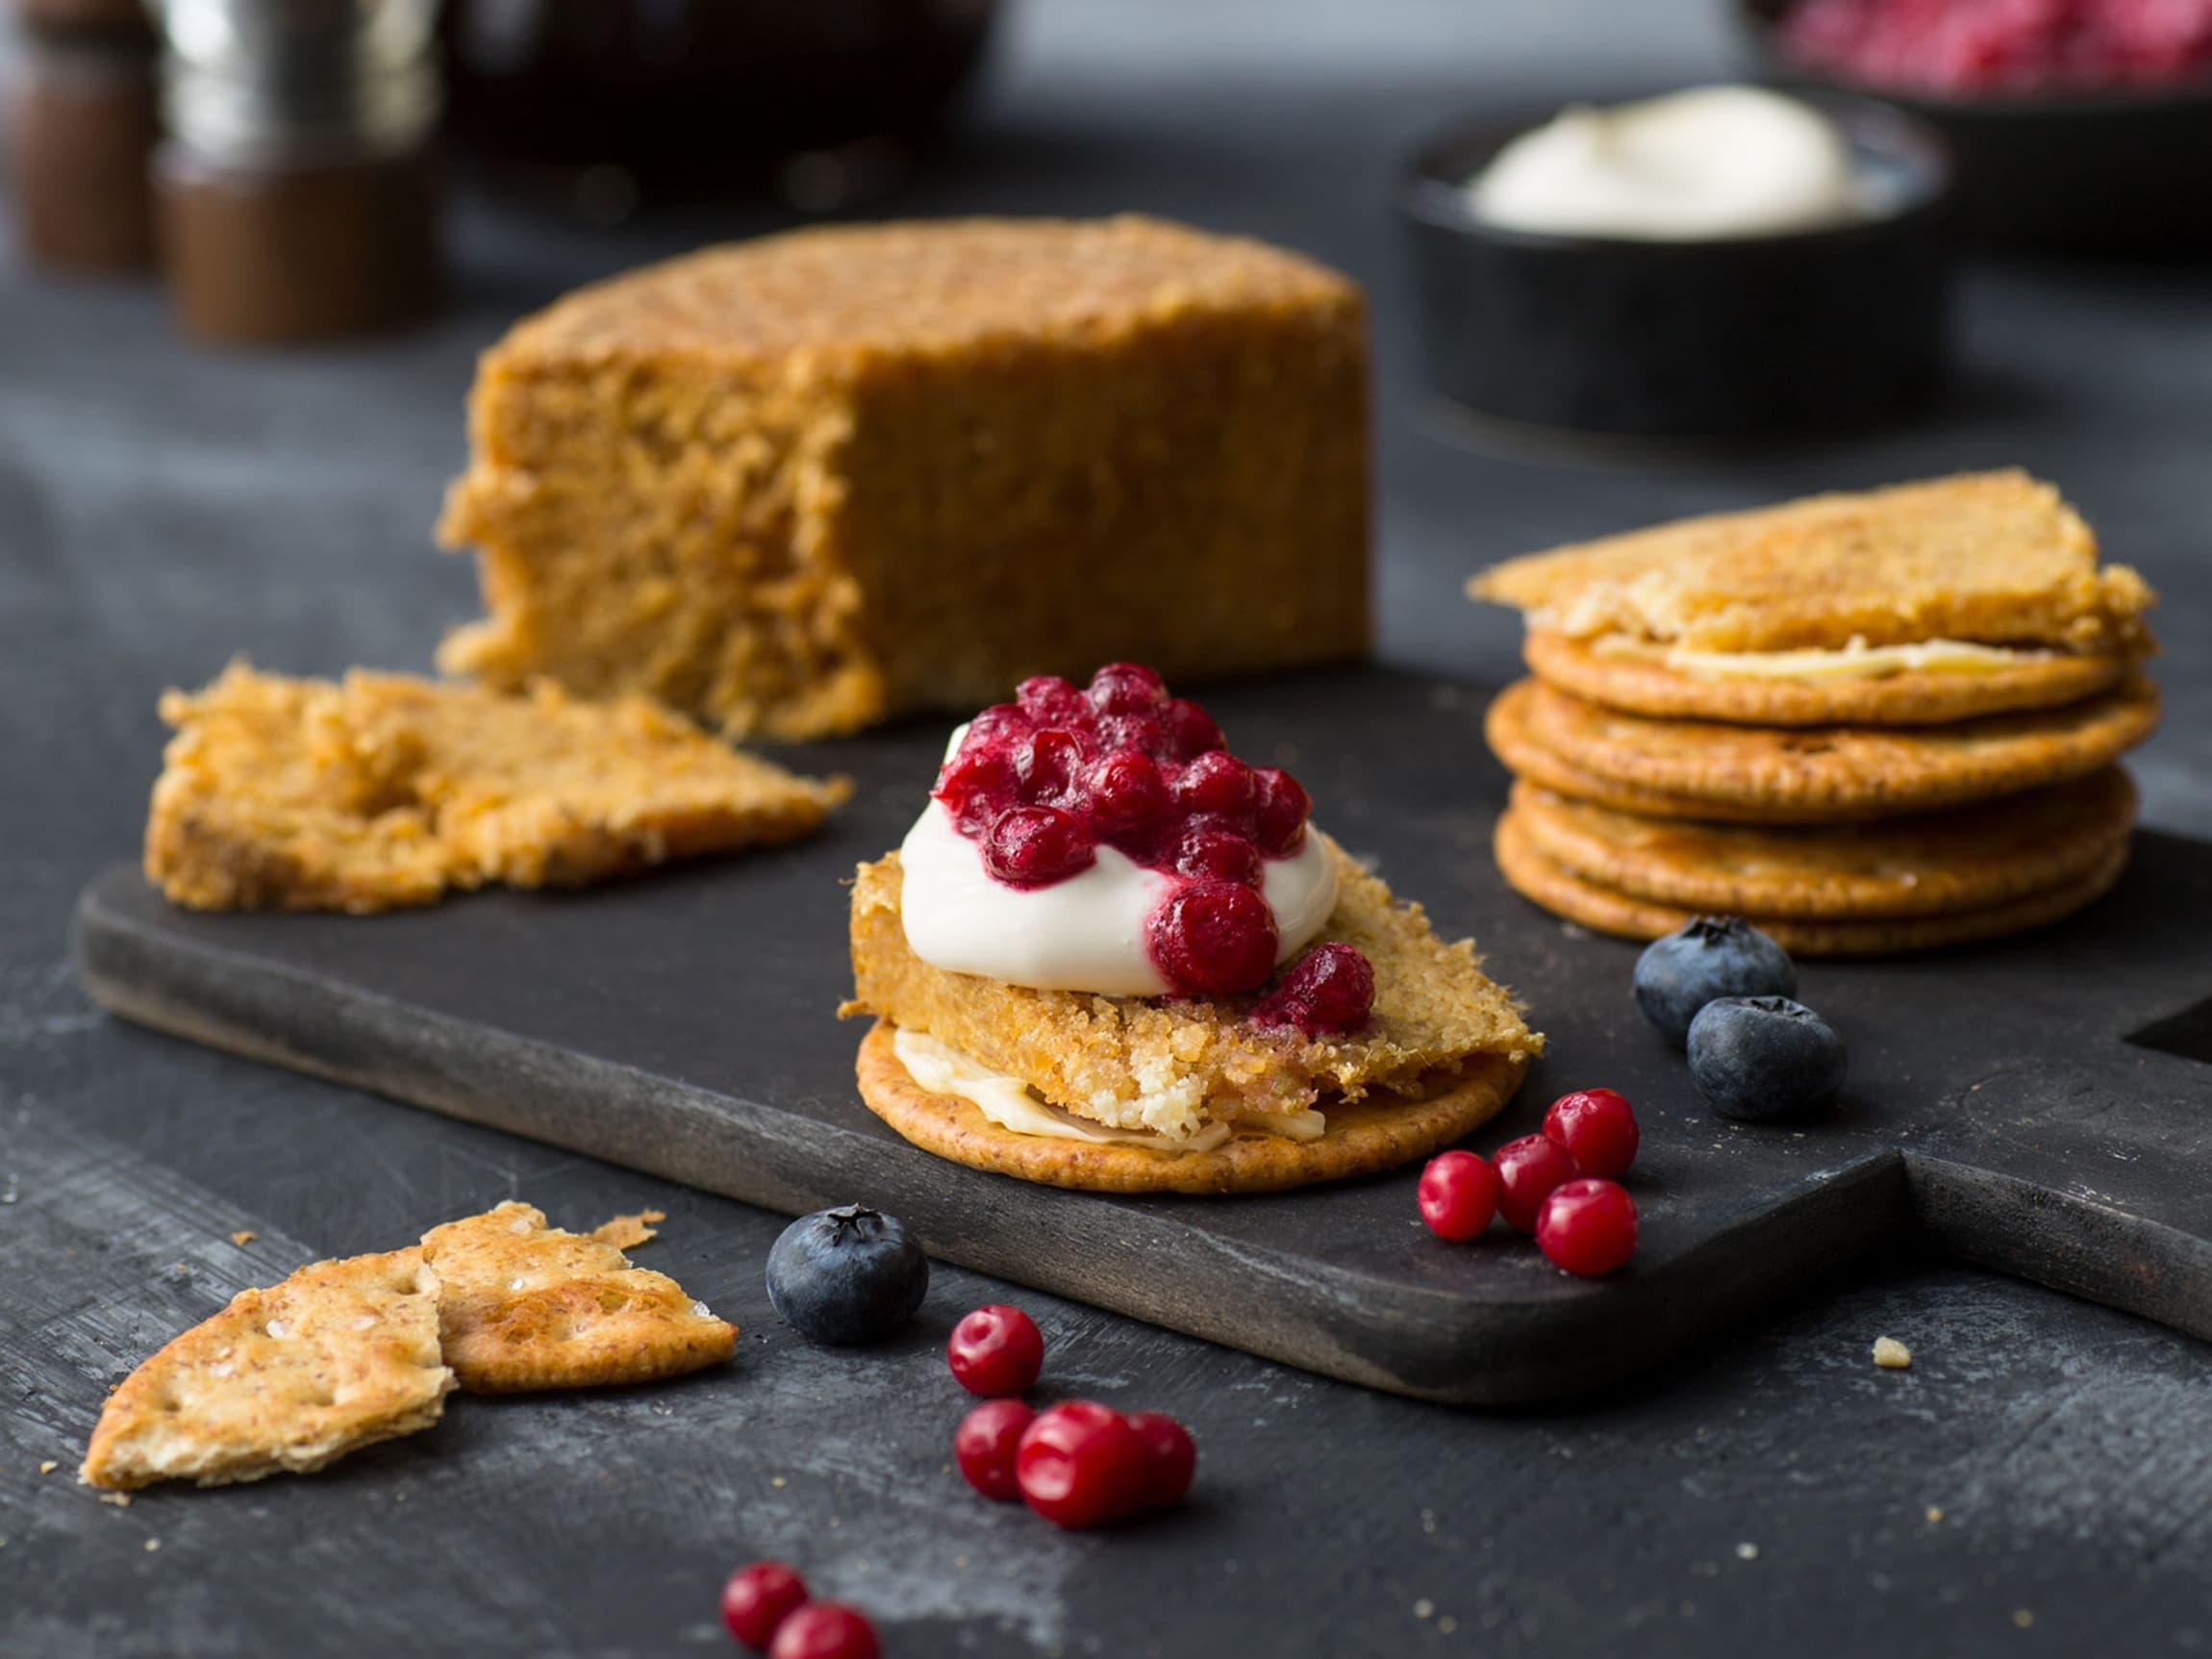 Med meierismør, rømme og tyttebær smaker gamalosten ekstra godt på saltkjeks eller skive godt brød!